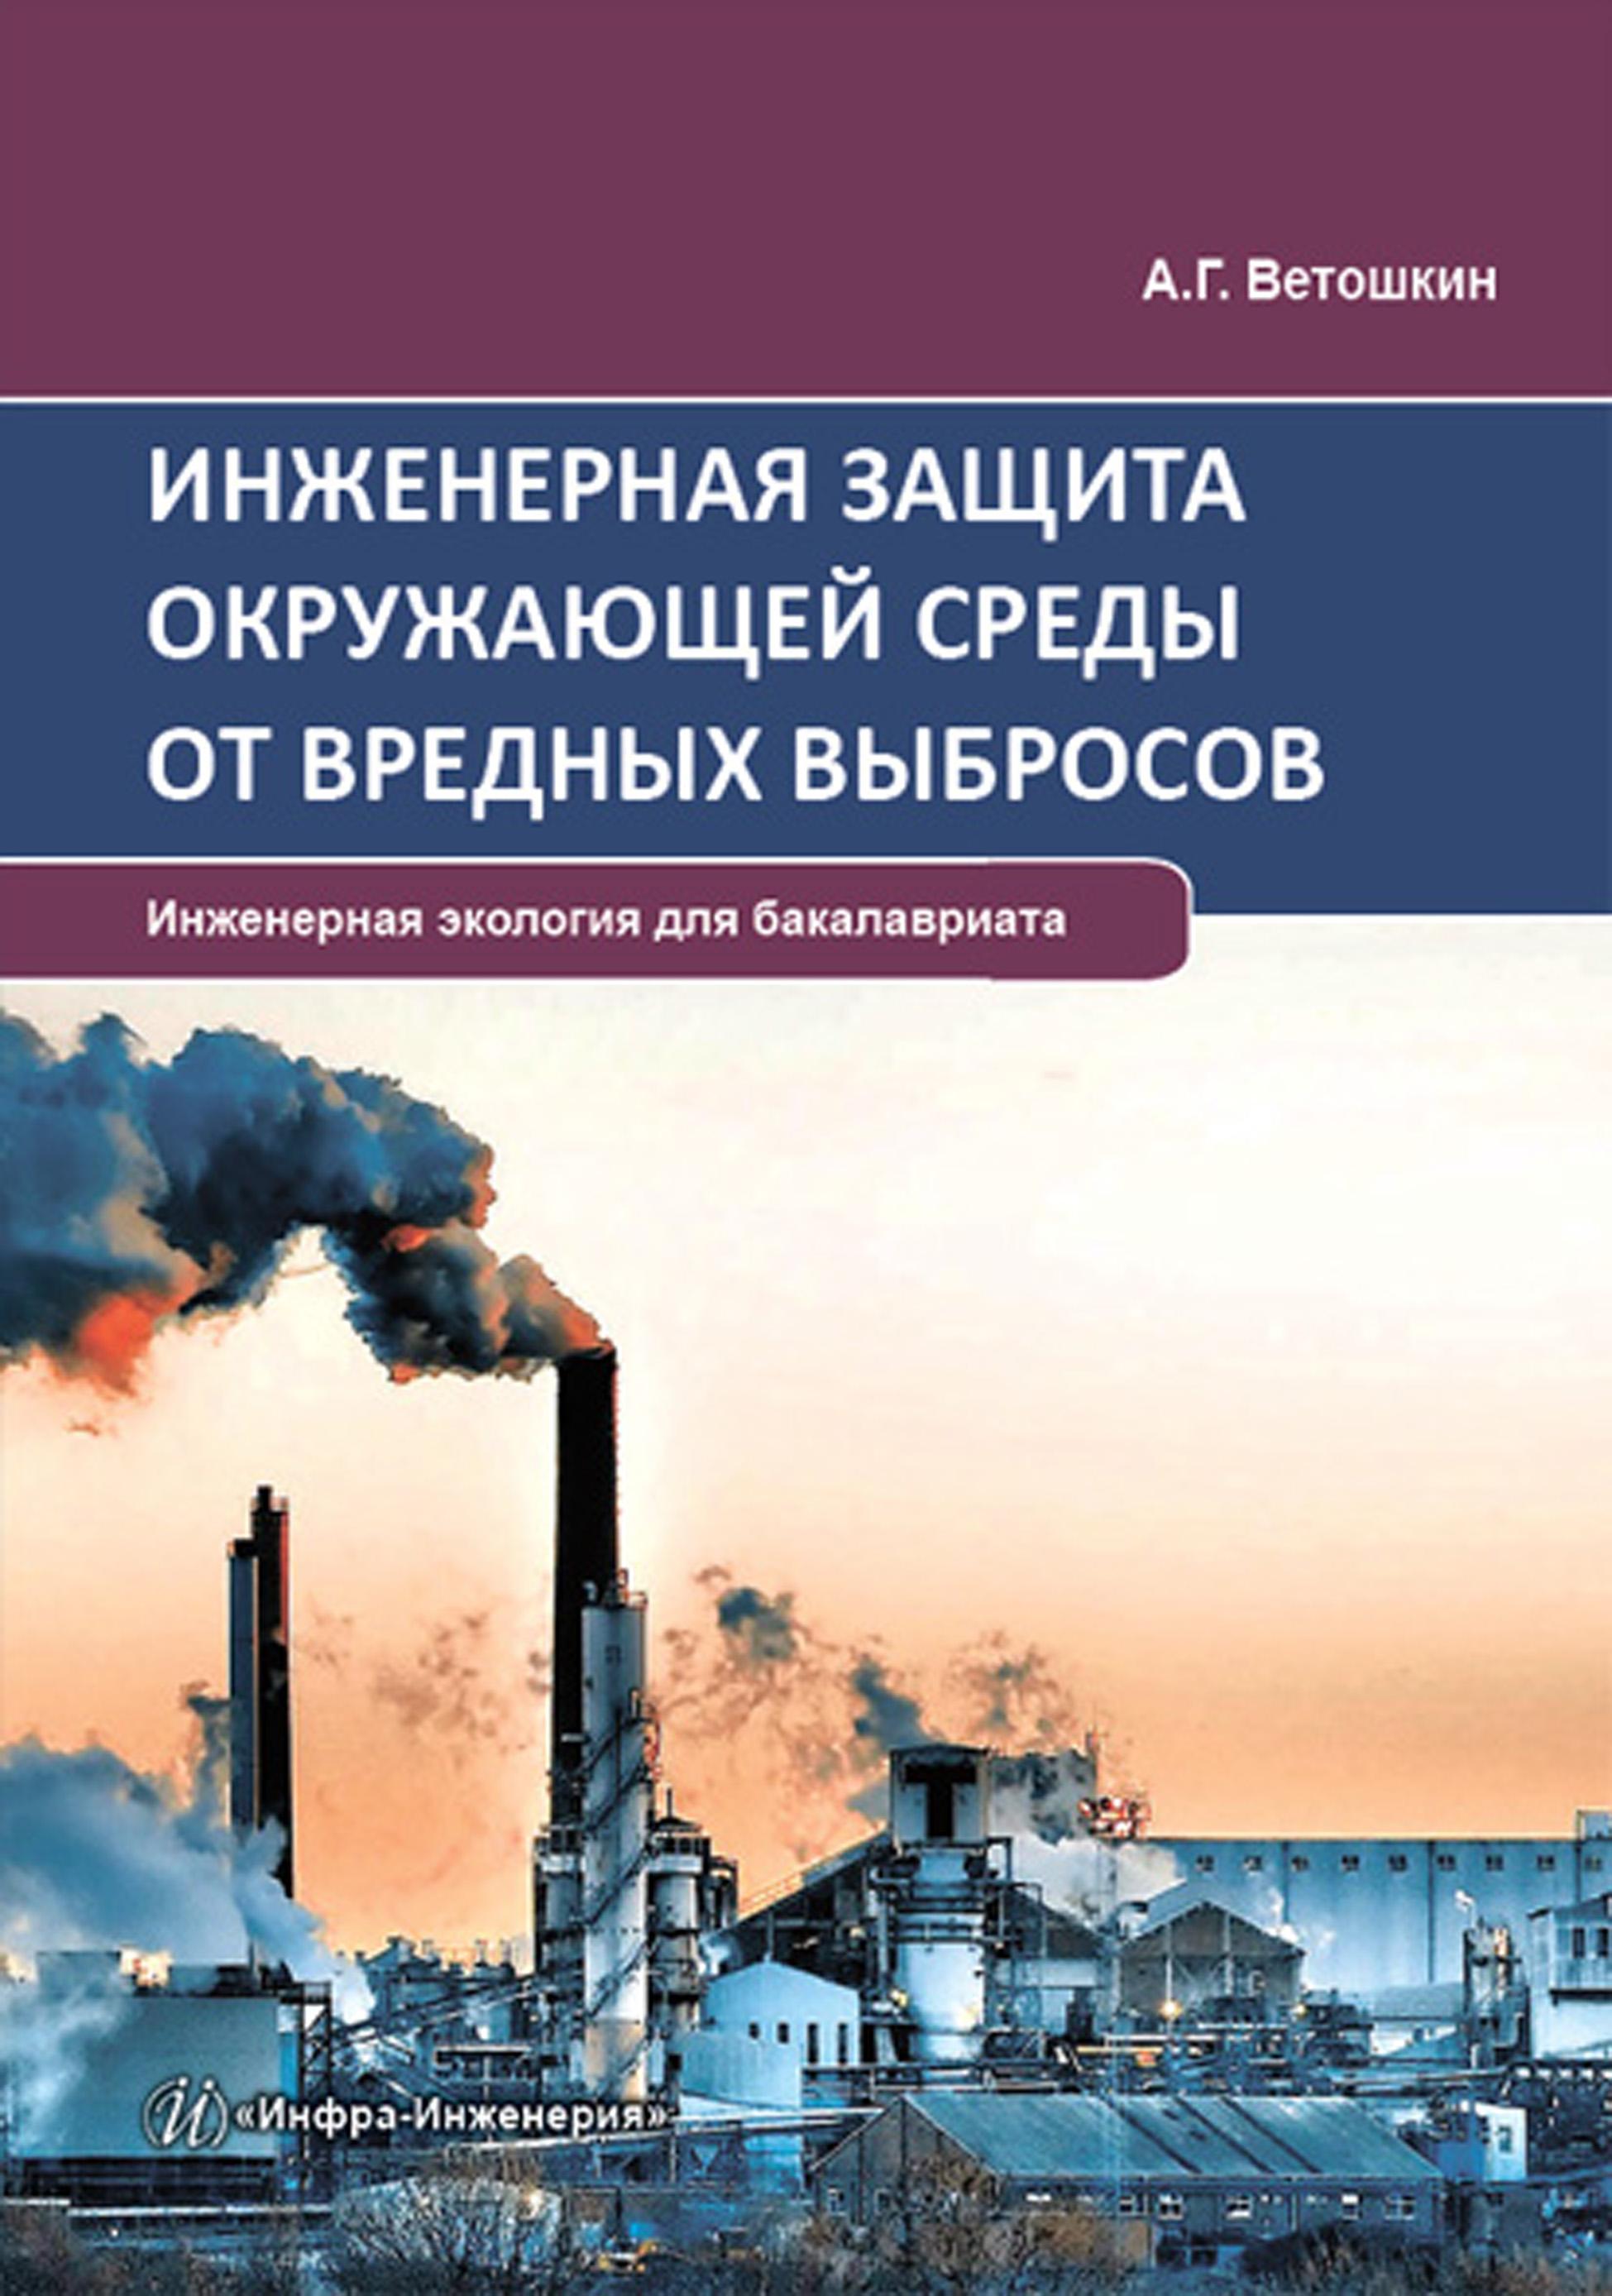 А. Г. Ветошкин Инженерная защита окружающей среды от вредных выбросов